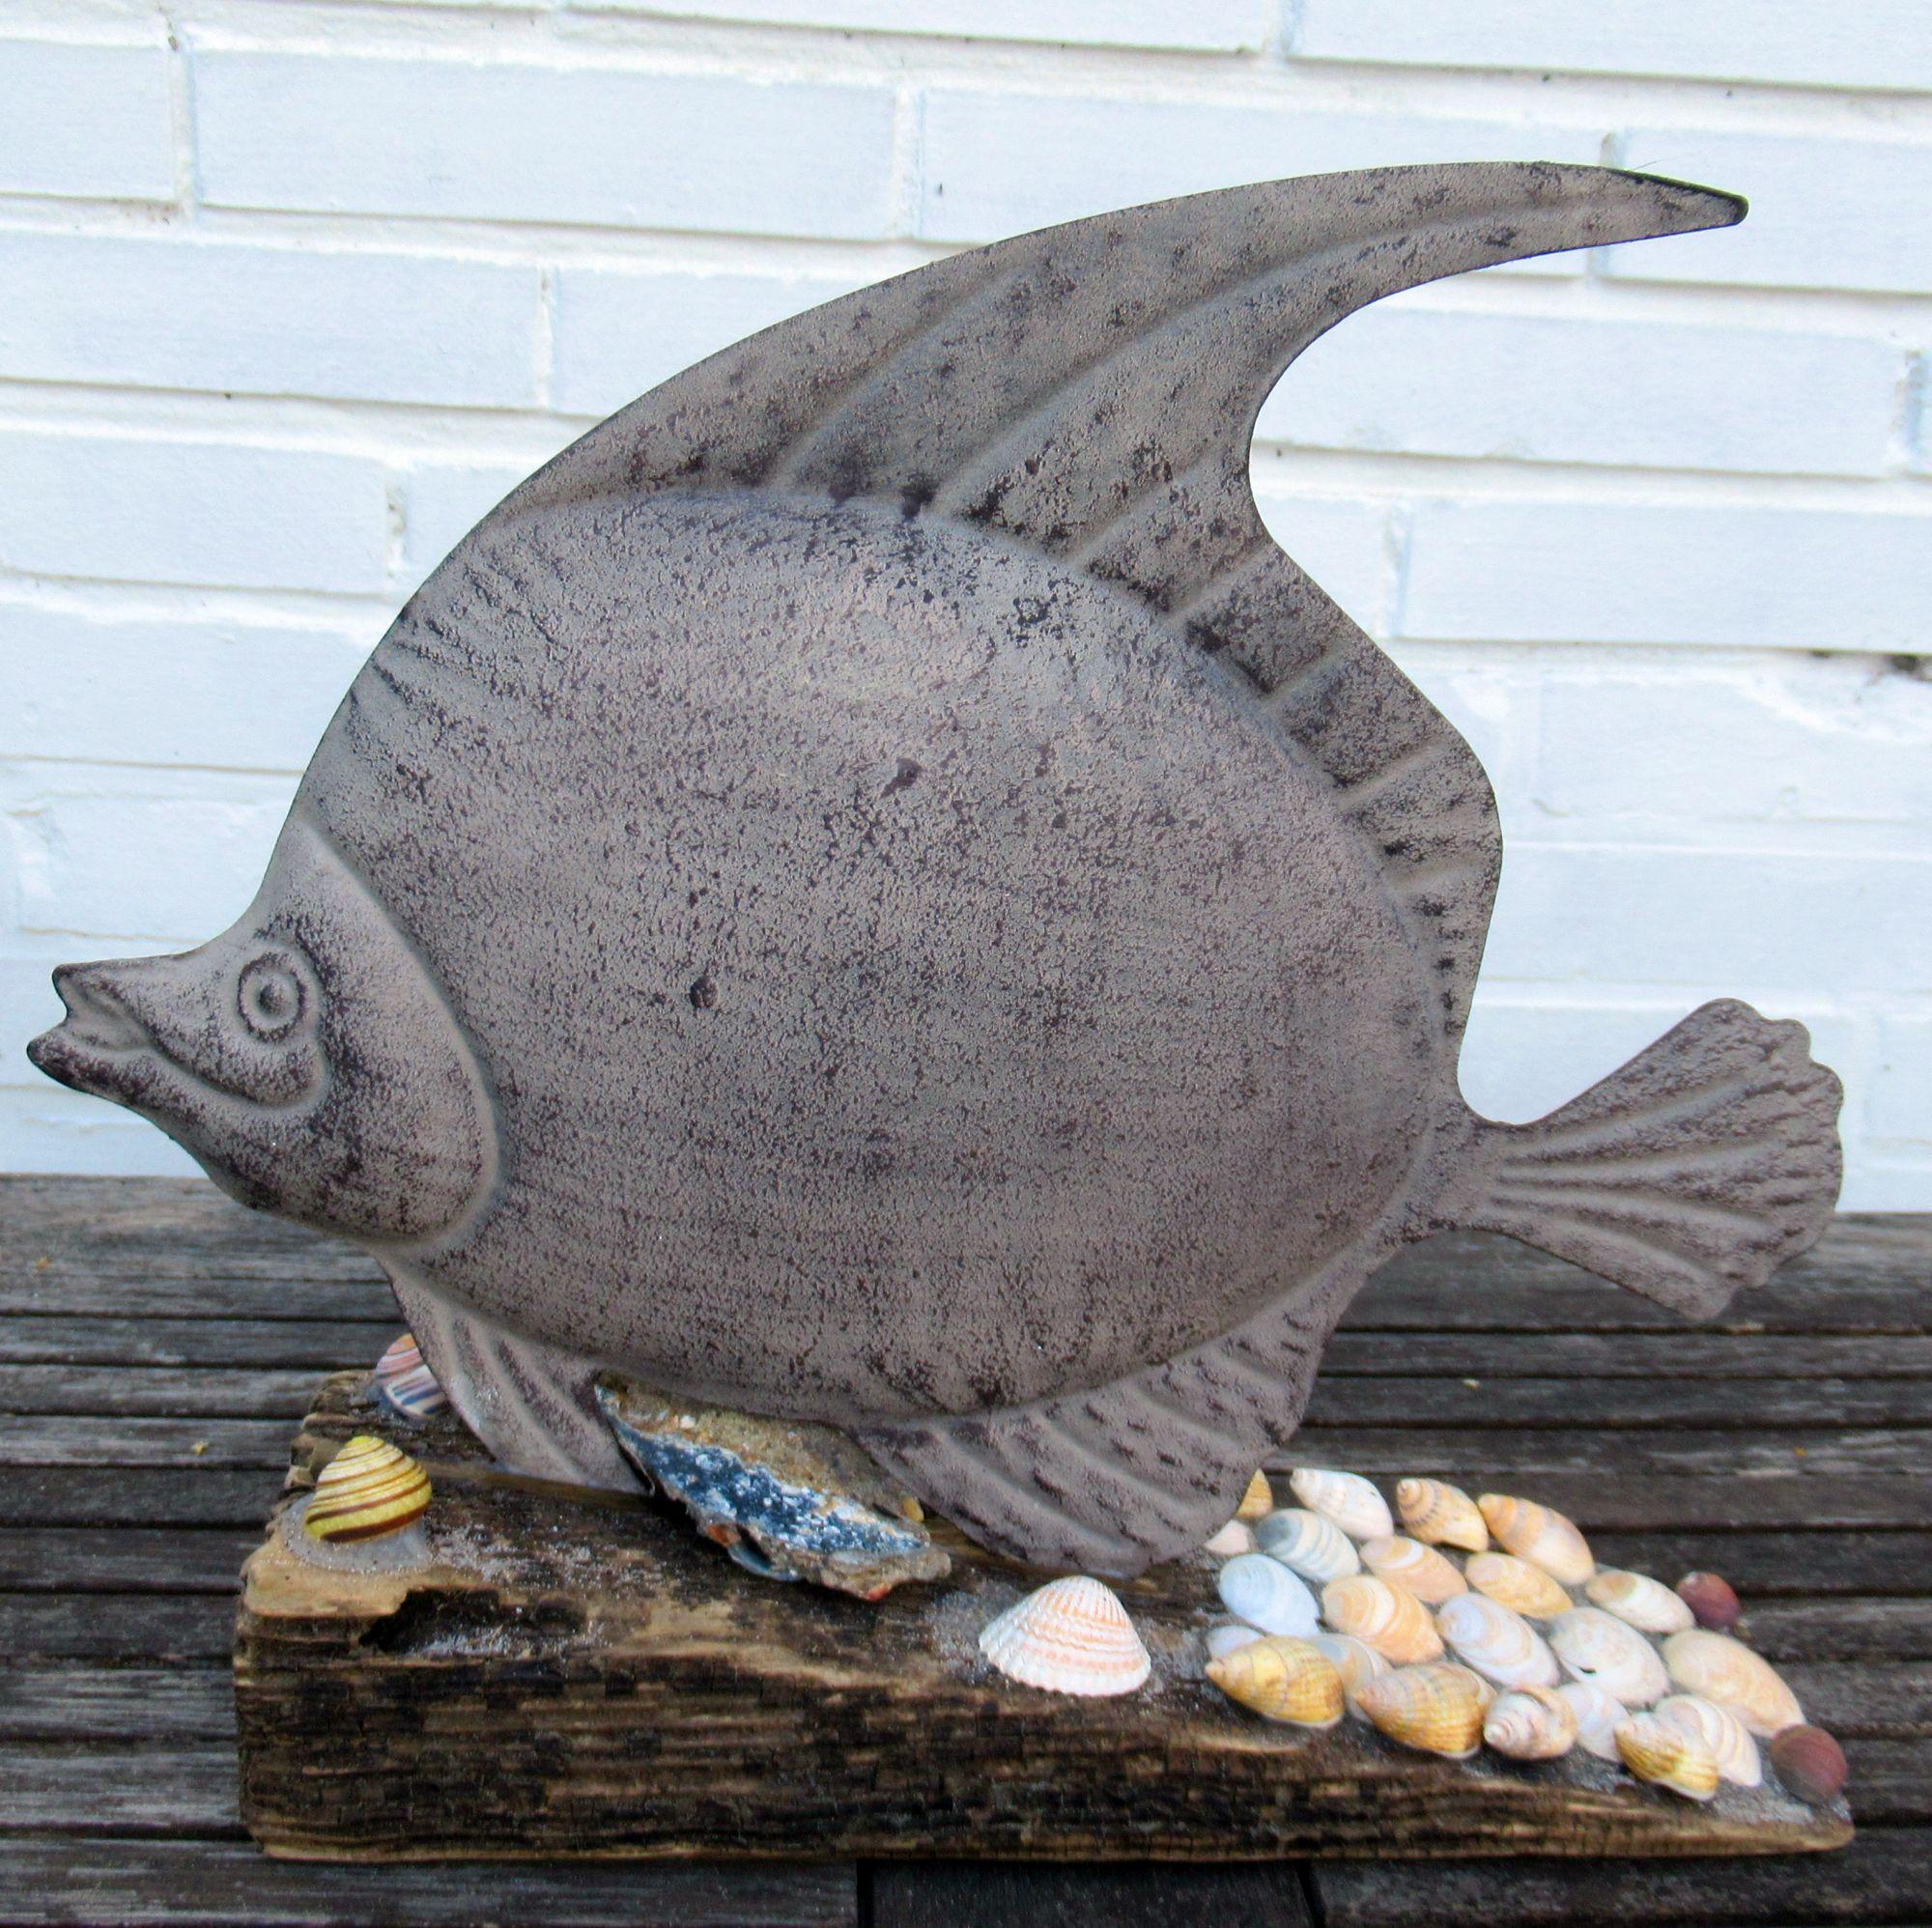 Gartendekoration mit Fisch, diy Idee